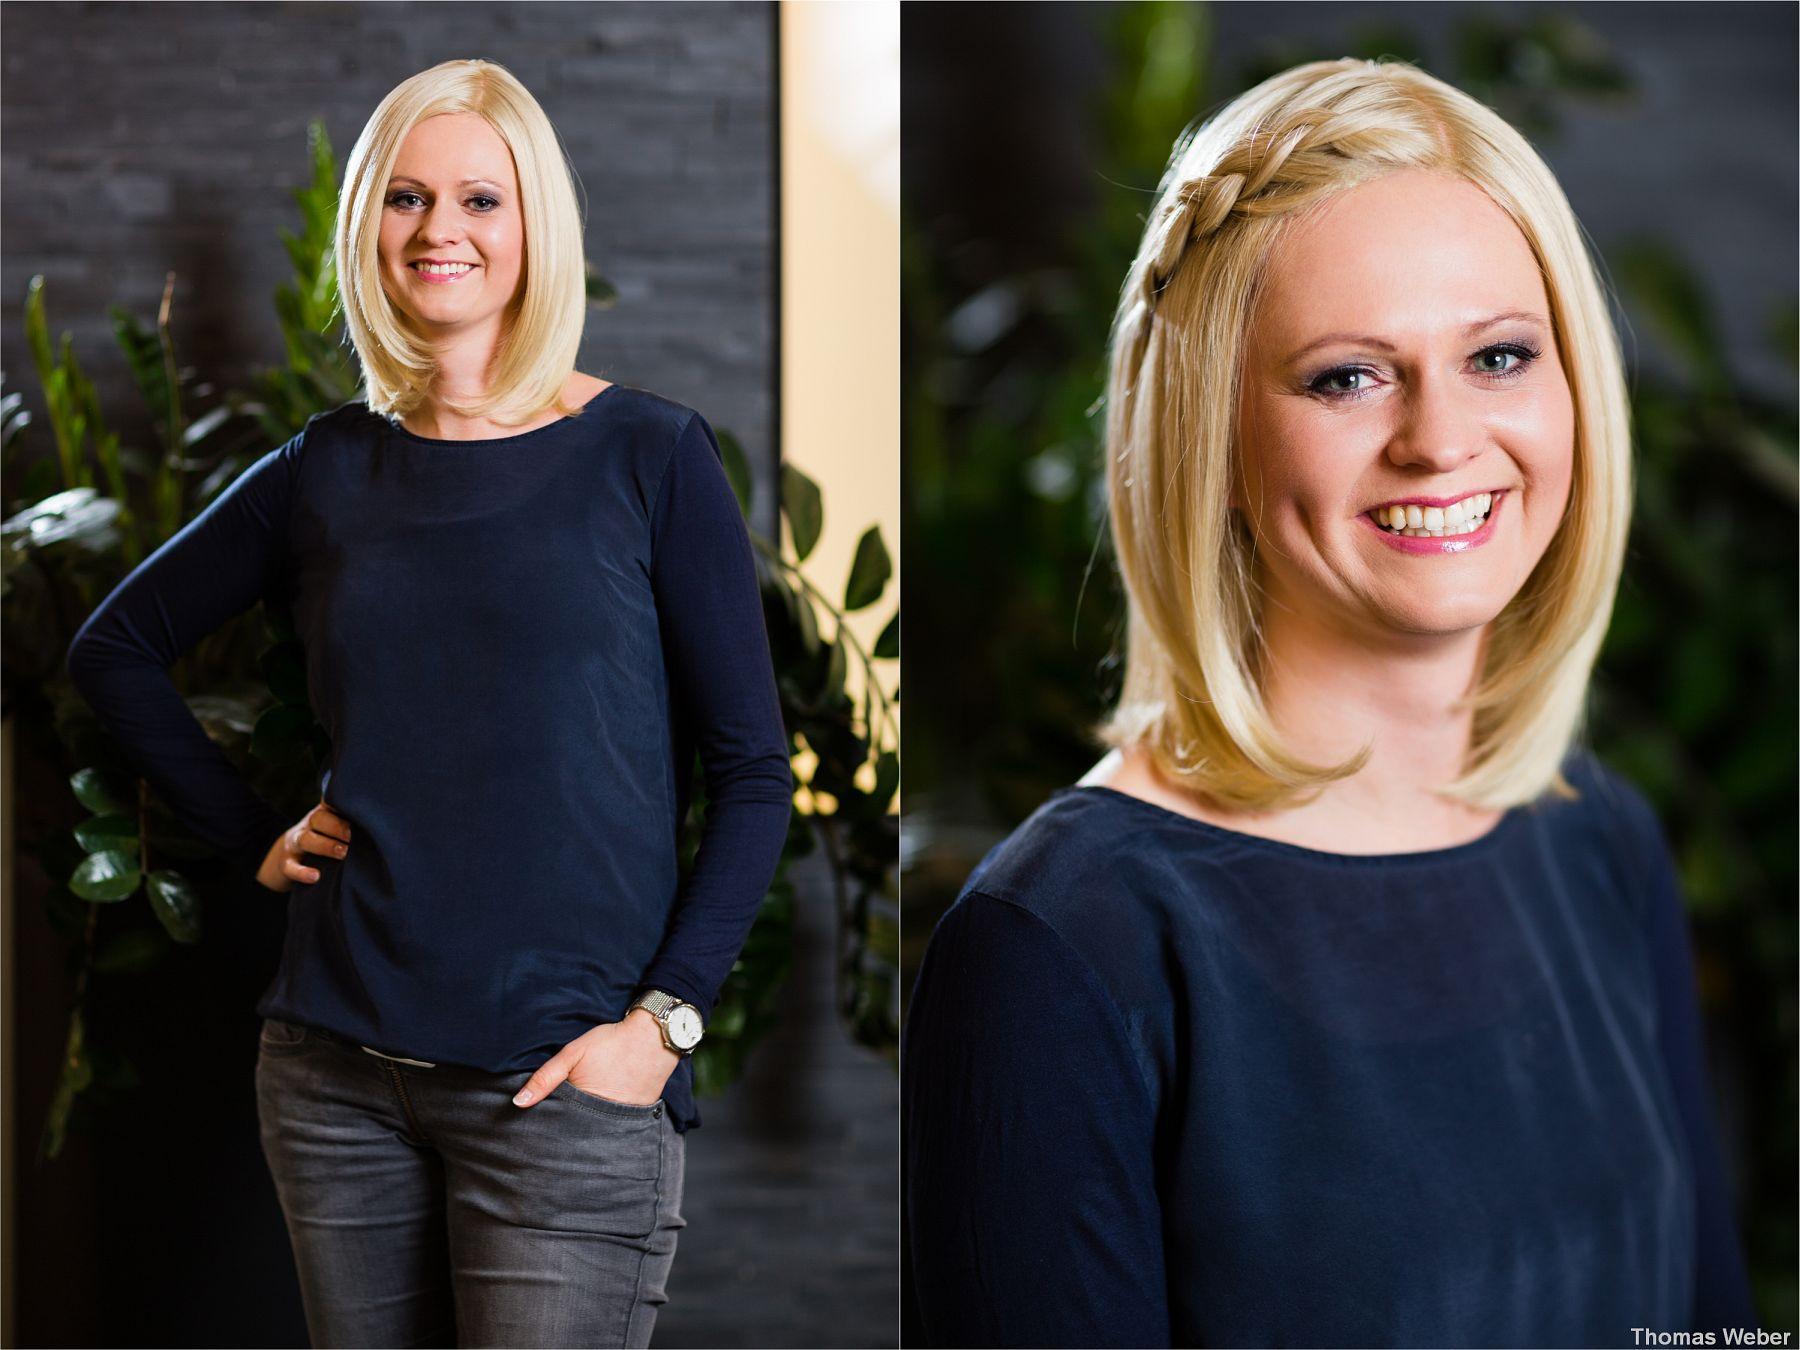 Fotograf Thomas Weber aus Oldenburg: Tücher, Mützen, Kopfbedeckungen, Zweithaare und Perücken für Frauen beim Friseur Trend Hair aus Oldenburg